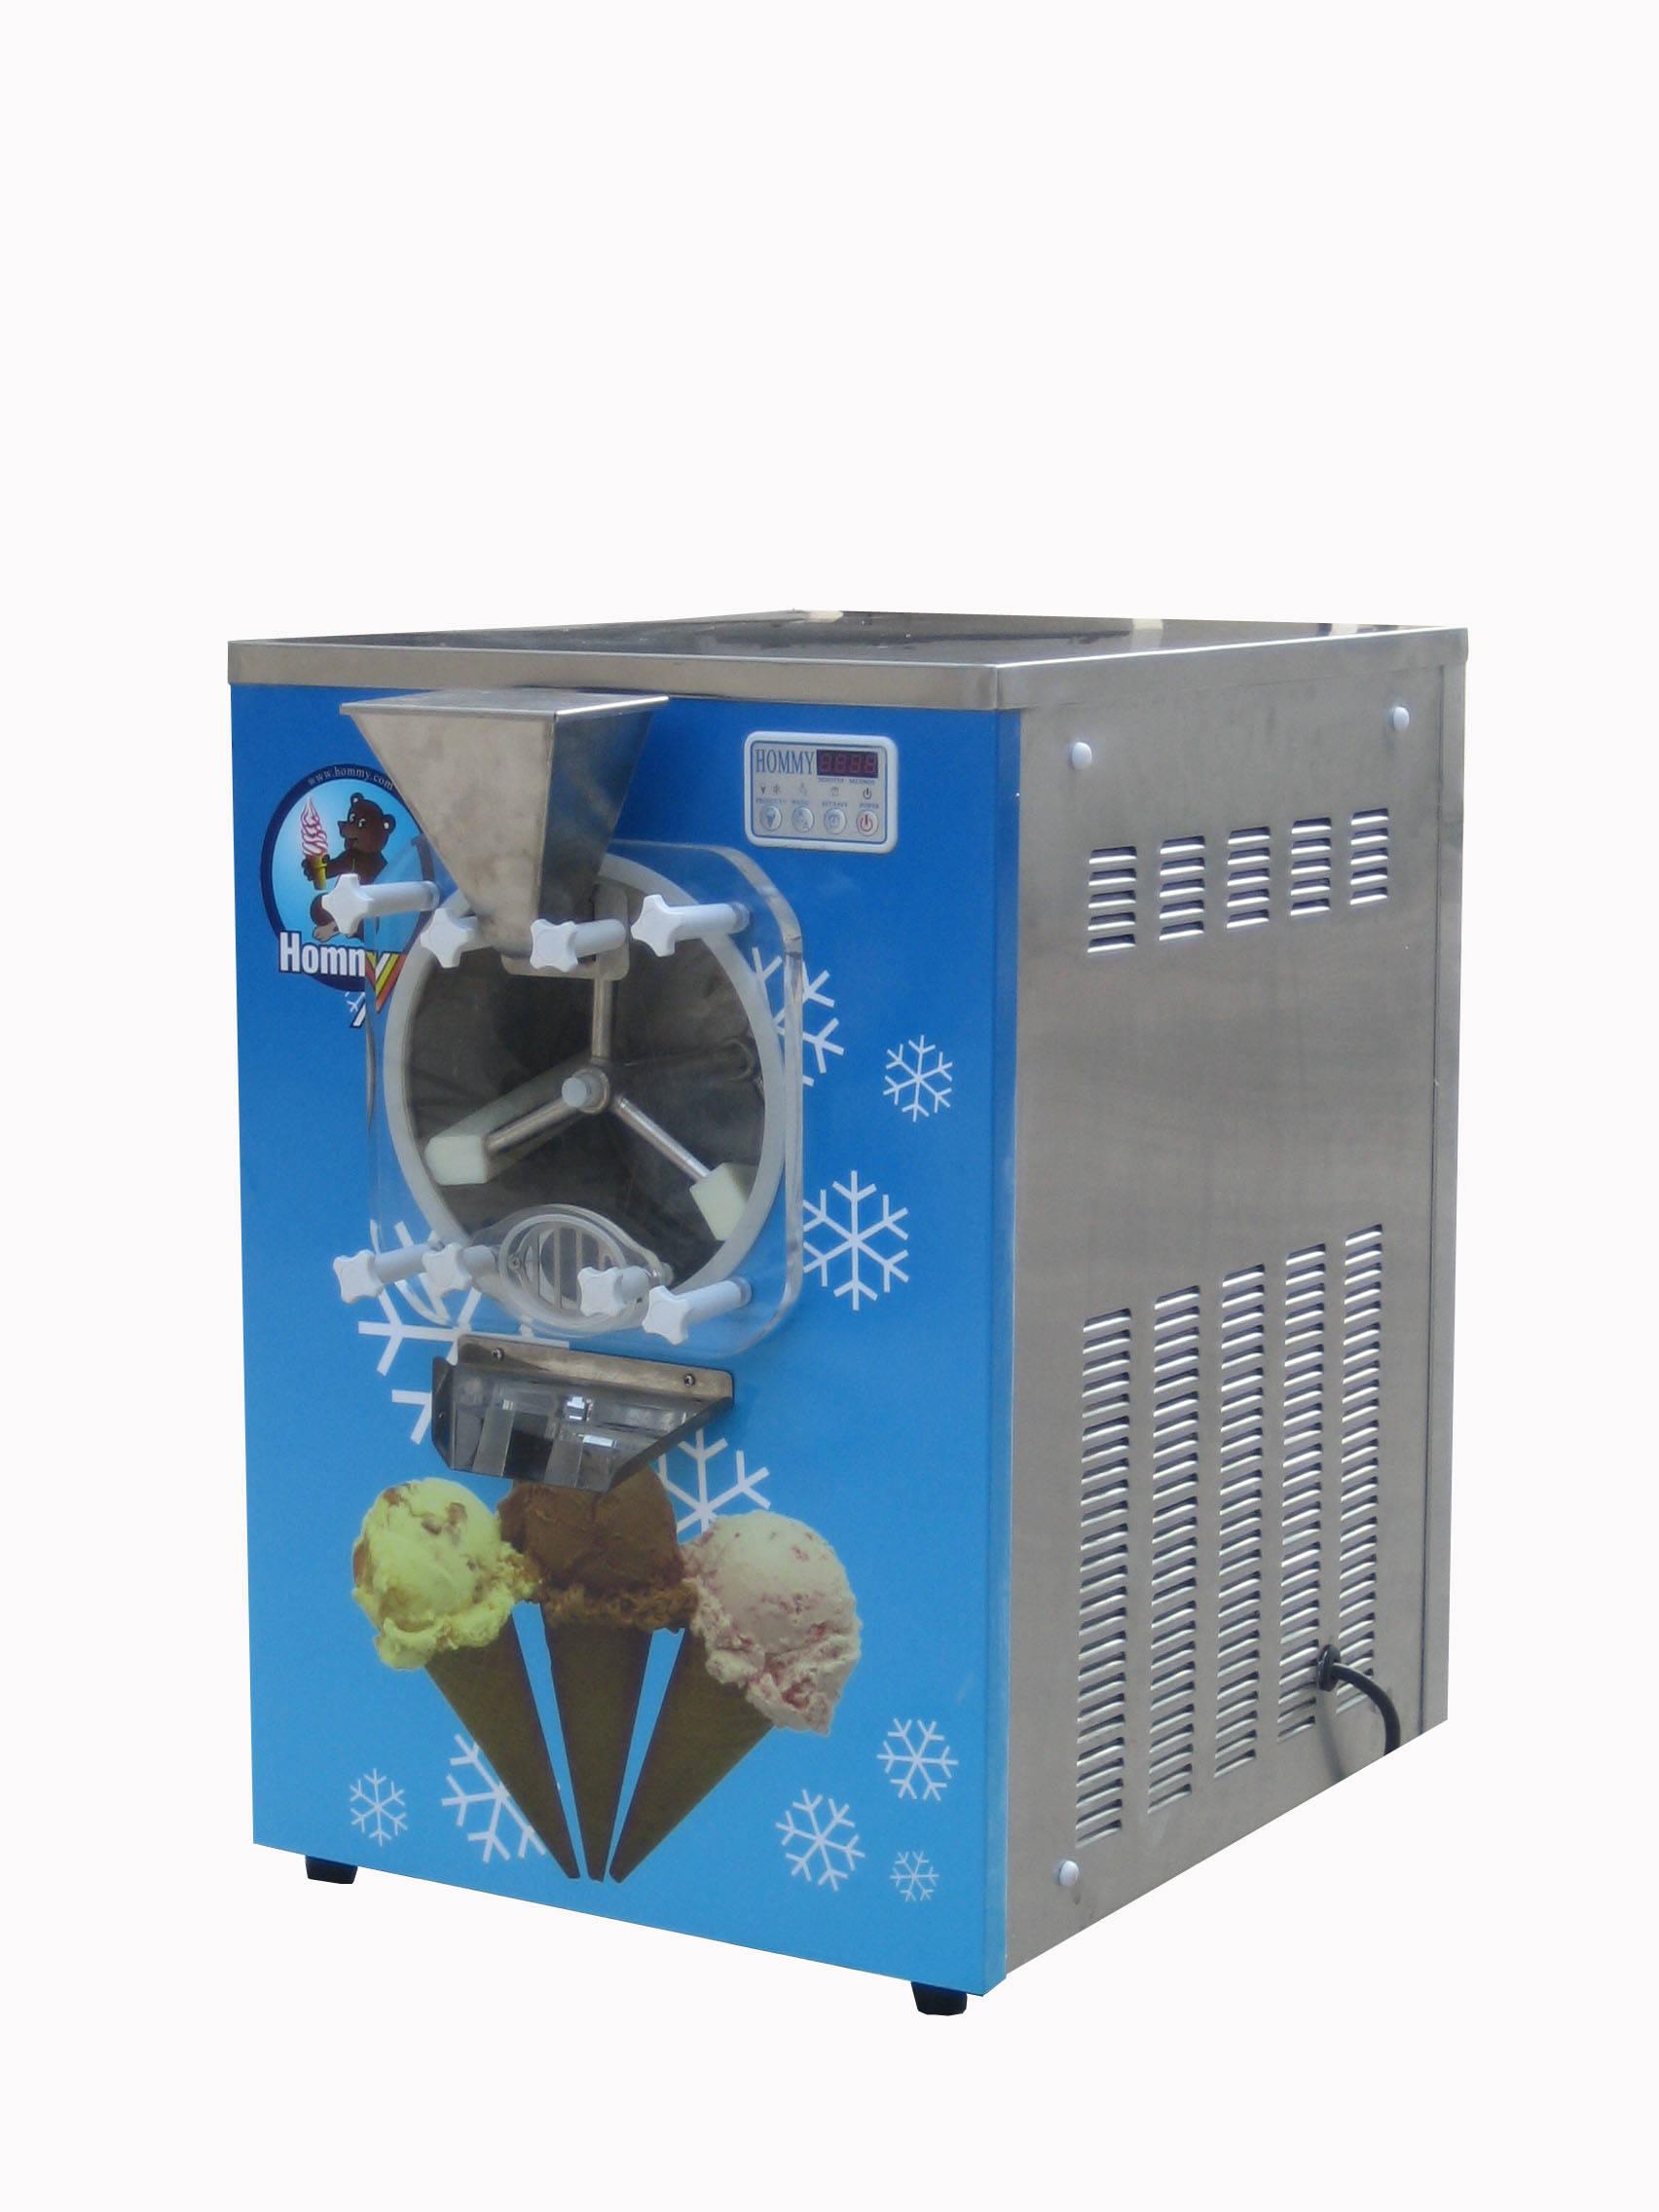 HM18 batch freezer